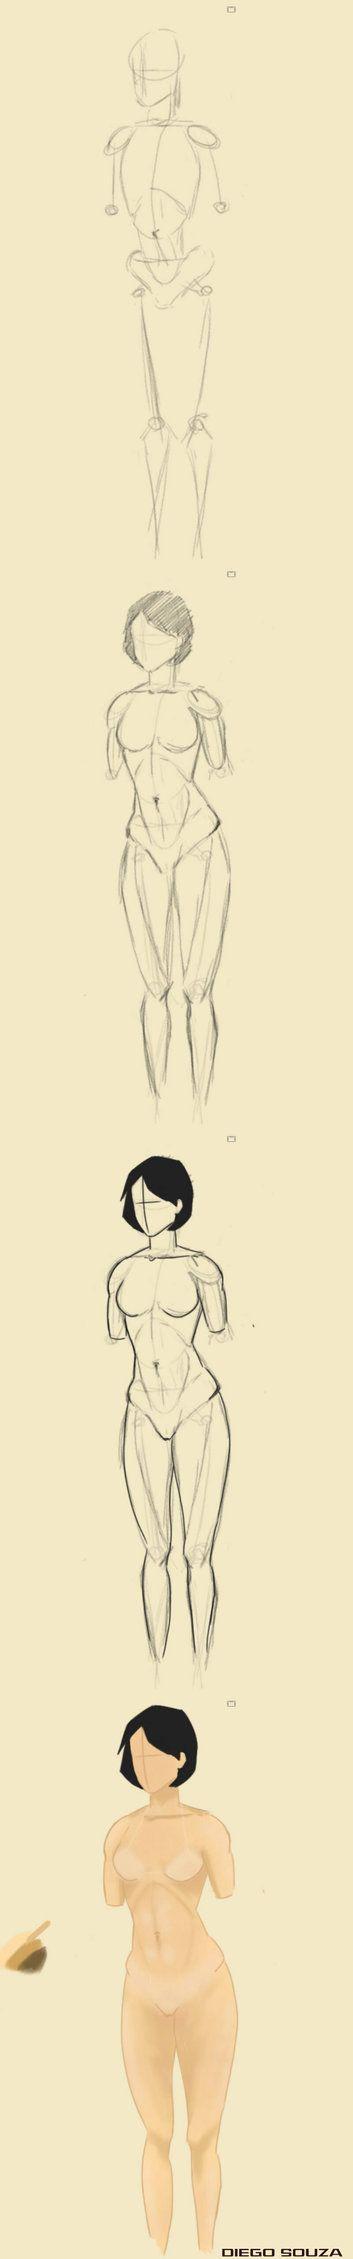 """A medida que vou evoluindo, vou postar algumas dessas """"evoluções"""".  Resolvi mergulhar de cabeça no estudo da anatomia, e oque eu aprendi foi que não é fácil!  O melhor método é entender como toda anatomia humana funciona: Por que existe um músculo aqui? Por que essa curva ali? e etc.   Quando você conseguir responder essas perguntas, estará dominando a anatomia, e como consequência, conseguirá reproduzi-la no papel."""